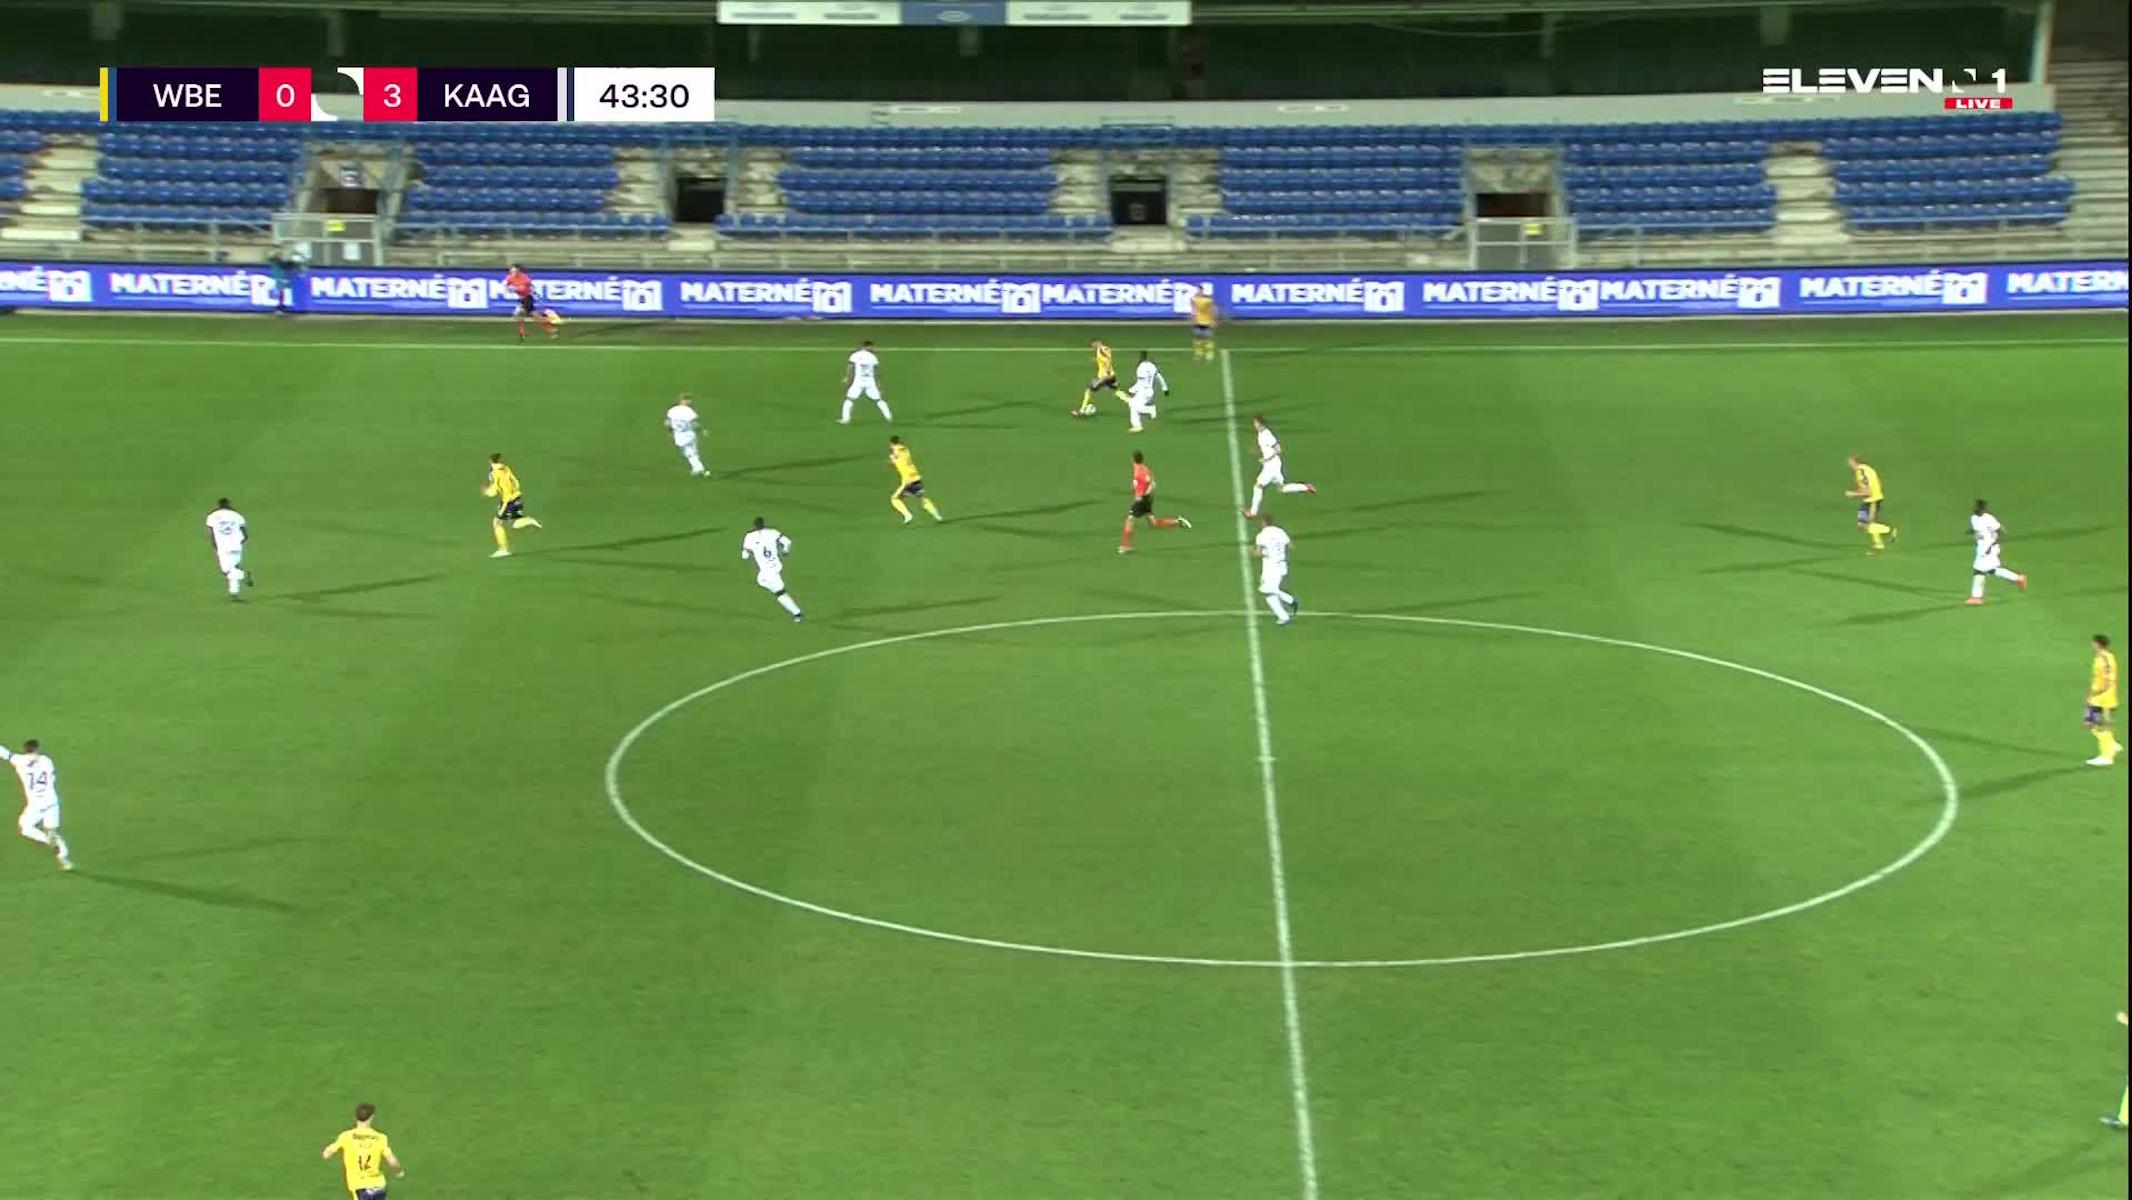 But Roman Yaremchuk (Waasland-Beveren vs. KAA Gent)